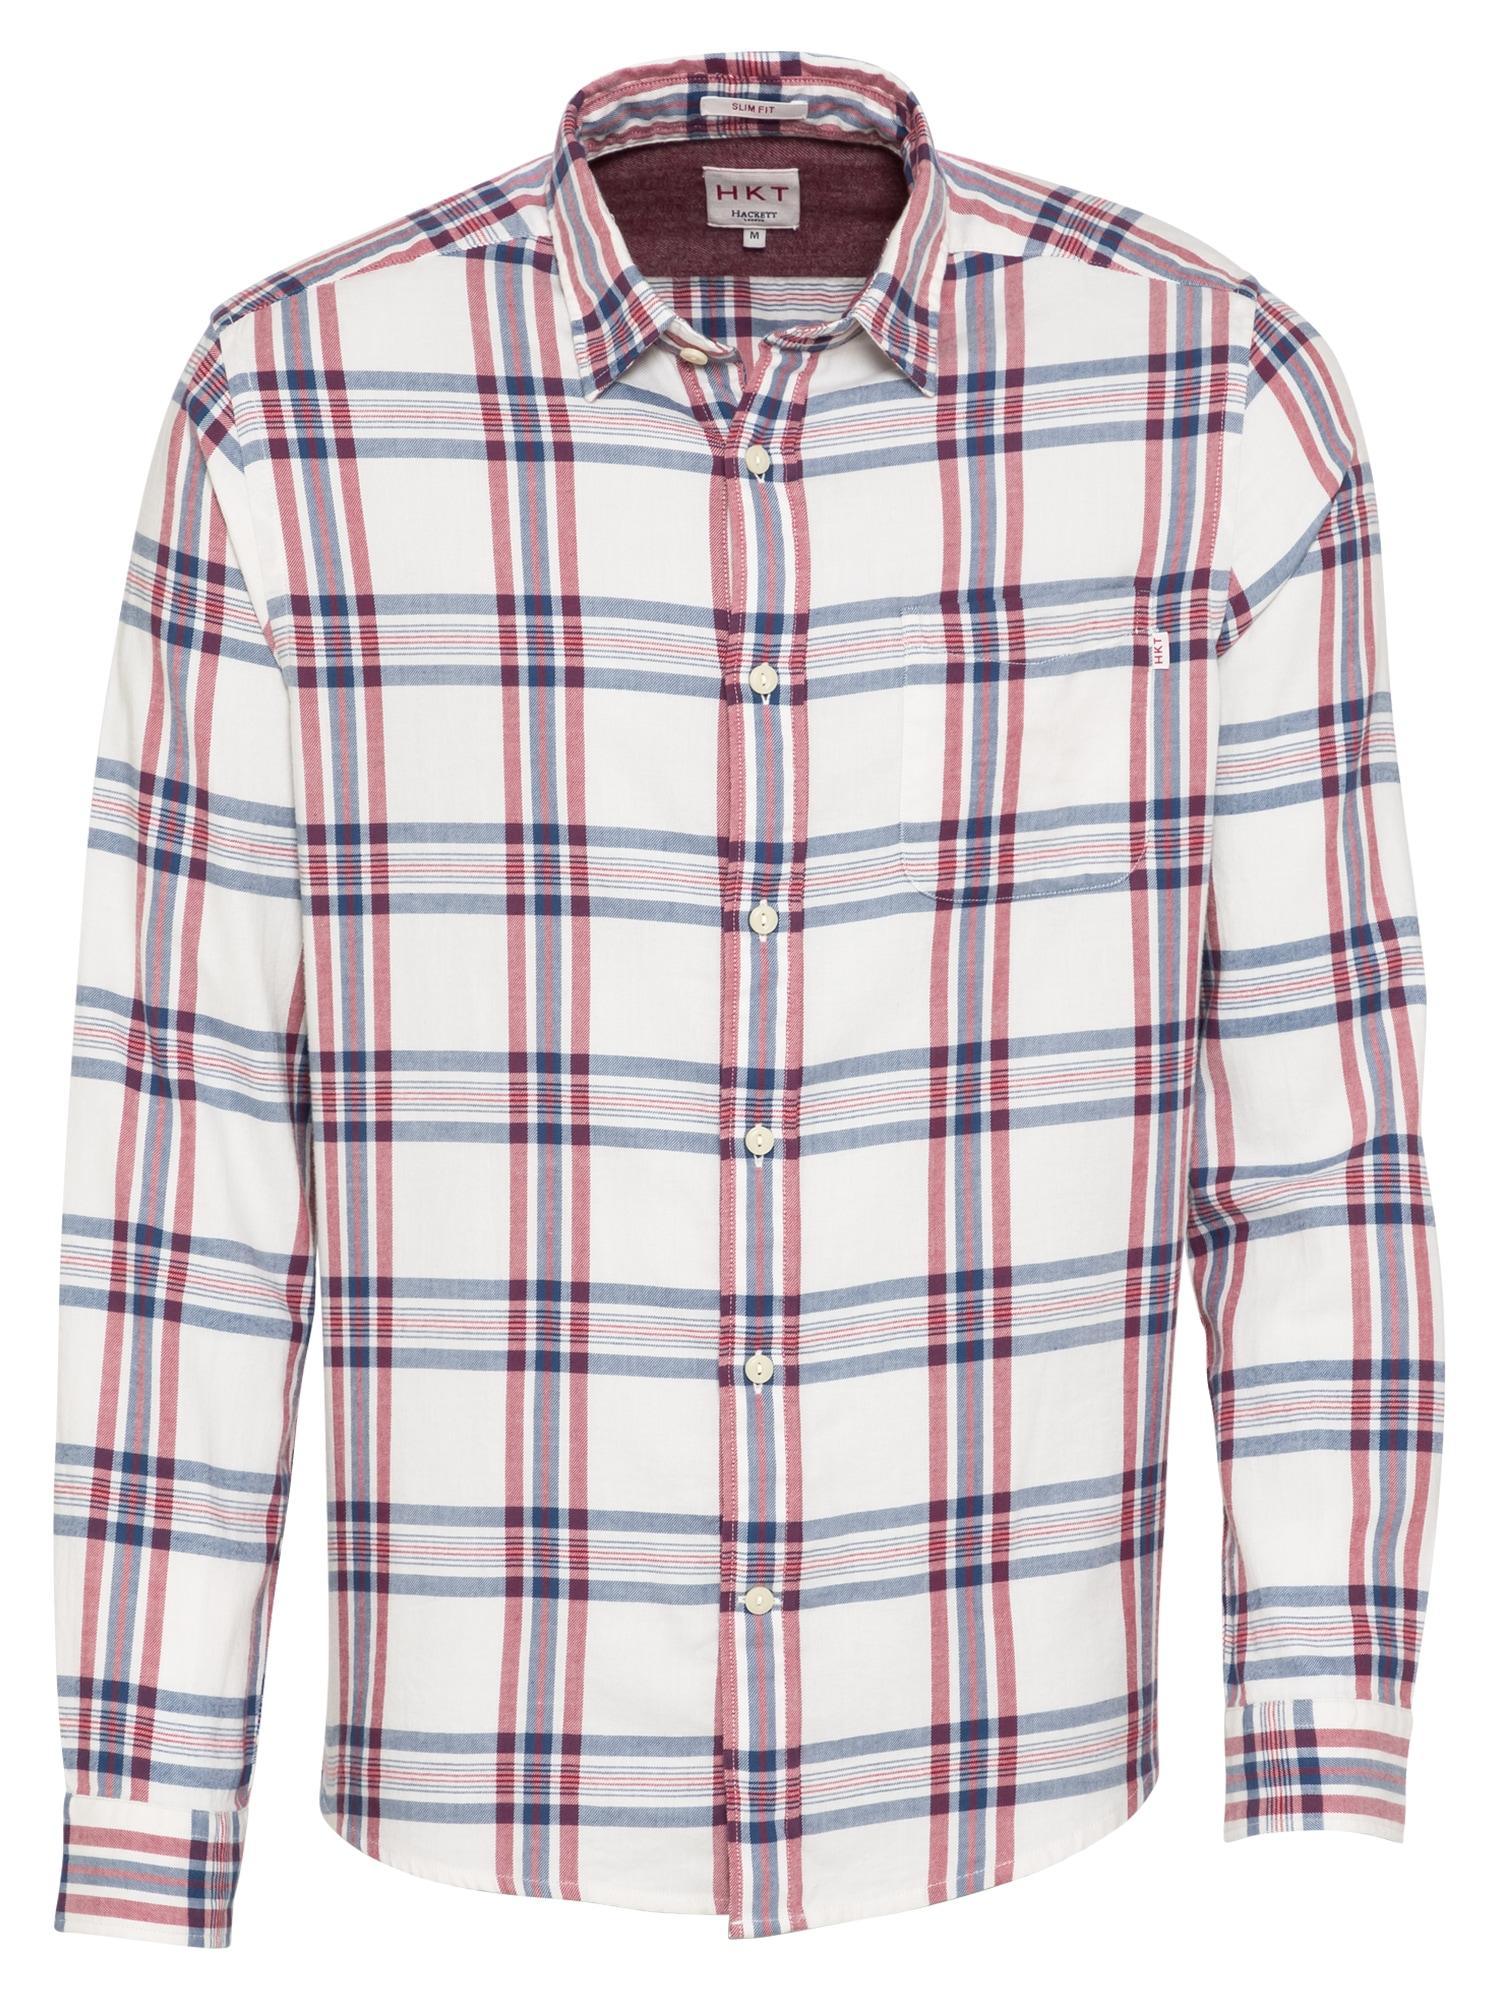 HKT by HACKETT Marškiniai tamsiai raudona / tamsiai mėlyna / natūrali balta